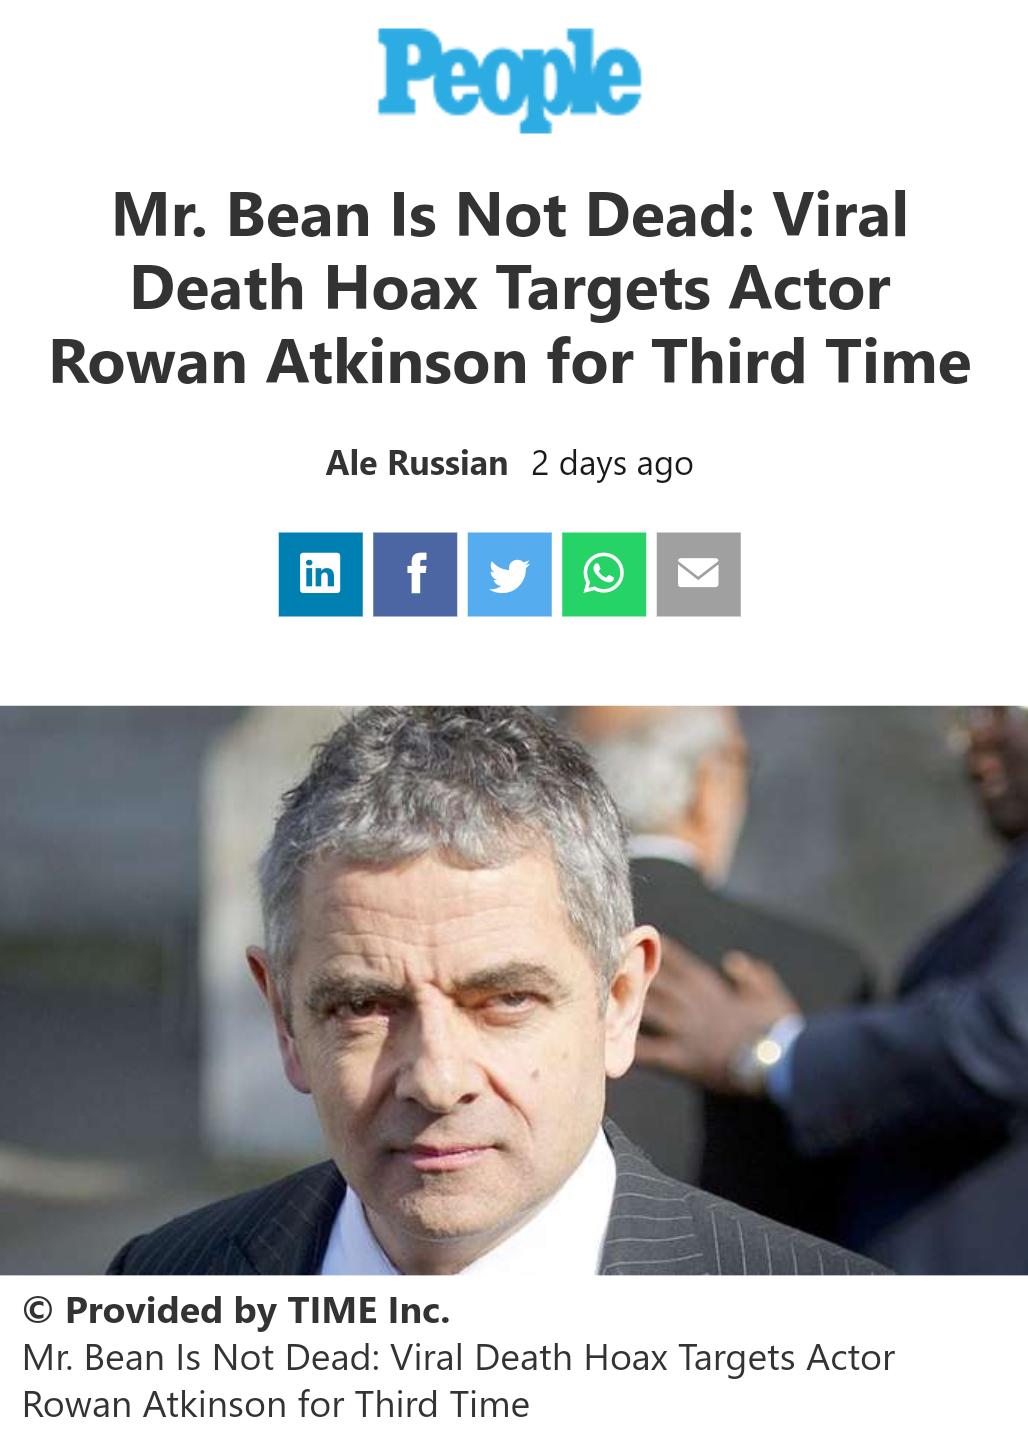 حقيقة وفاة مستر بين